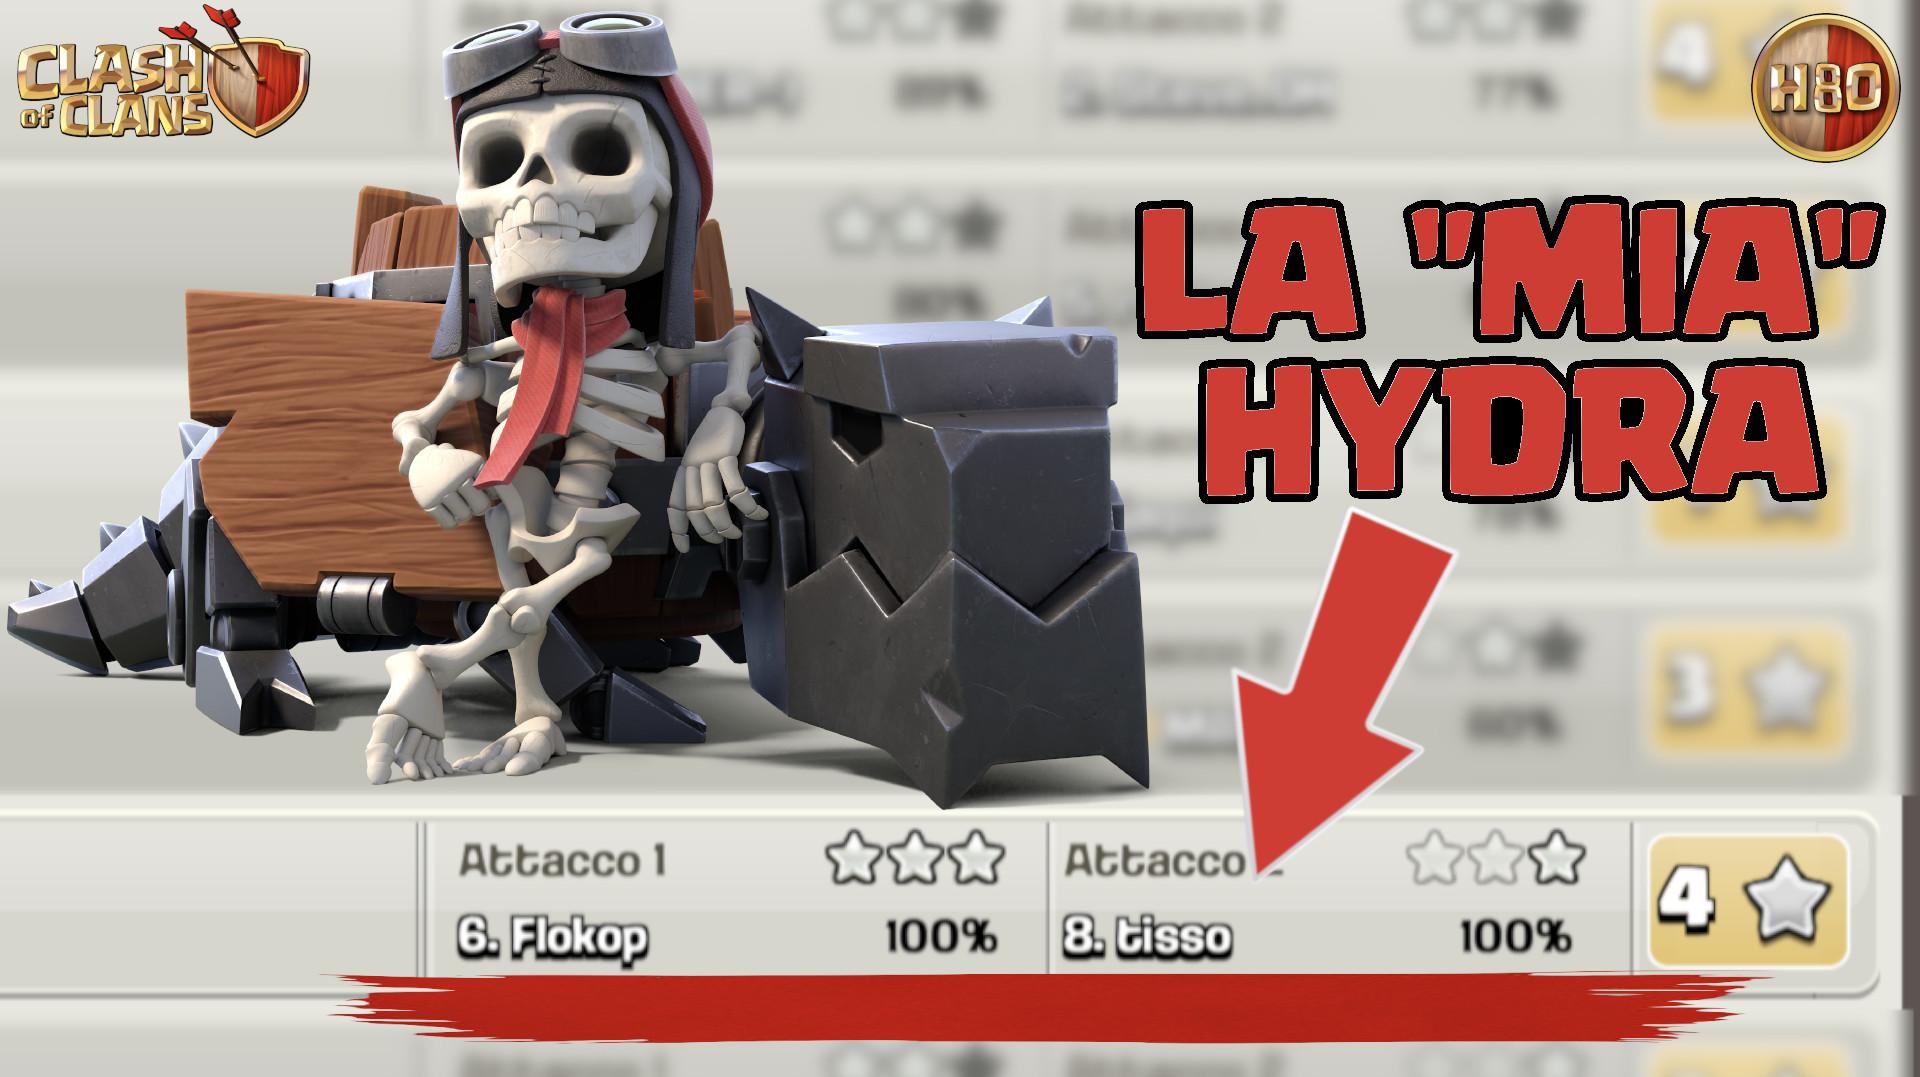 """La """"mia"""" hydra -E204- Clash of Clans ITA"""